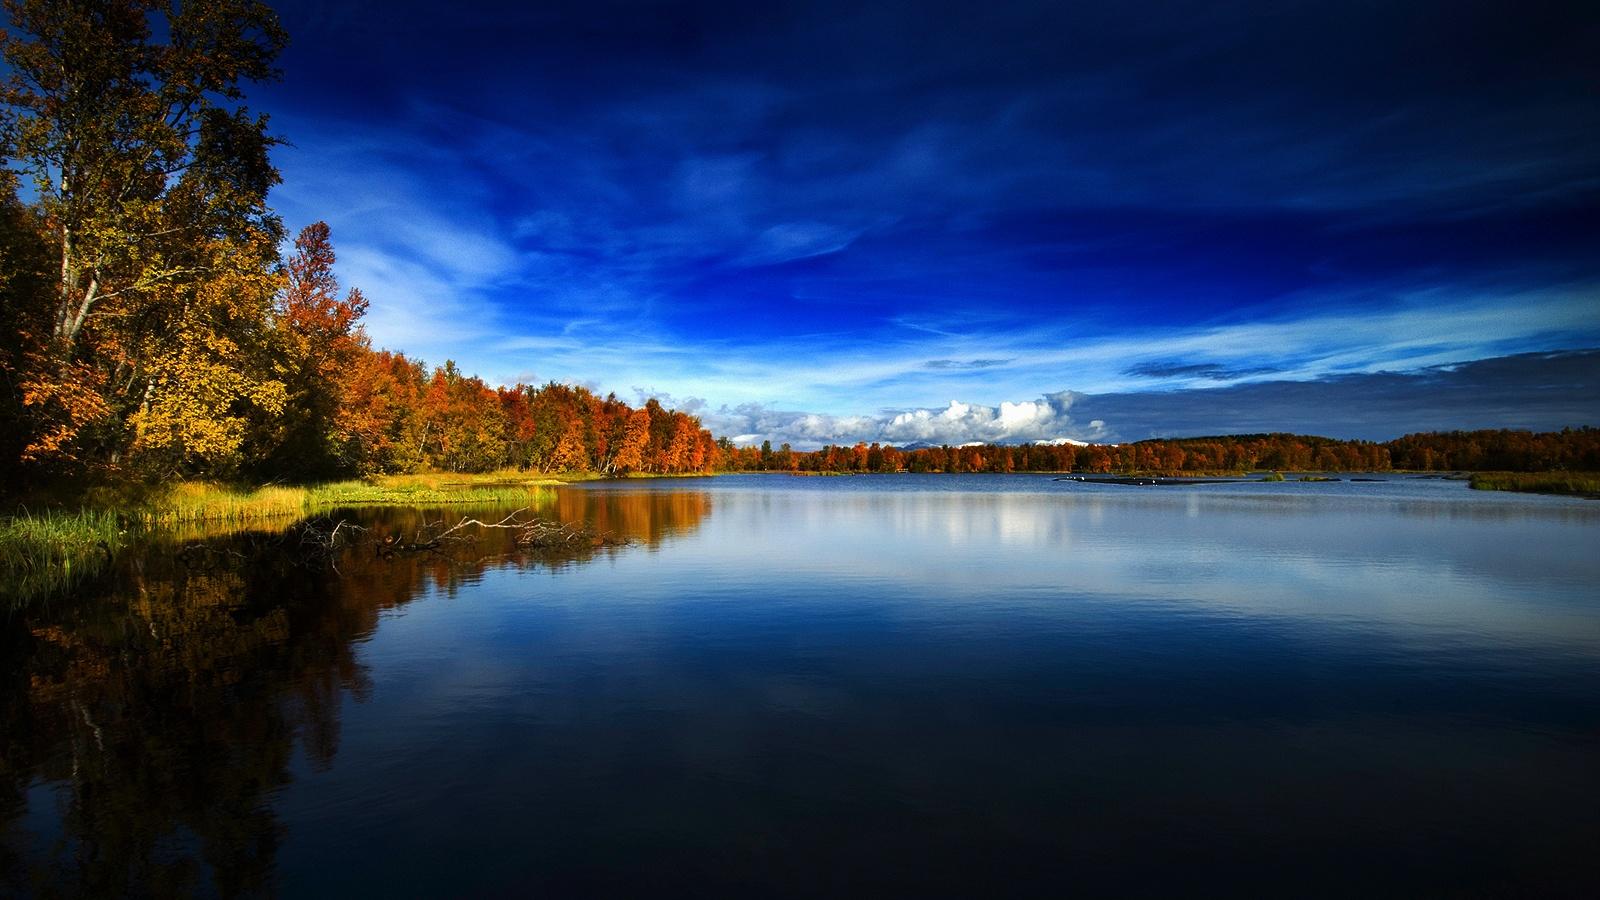 autunno in norvegia lago 1024x1024